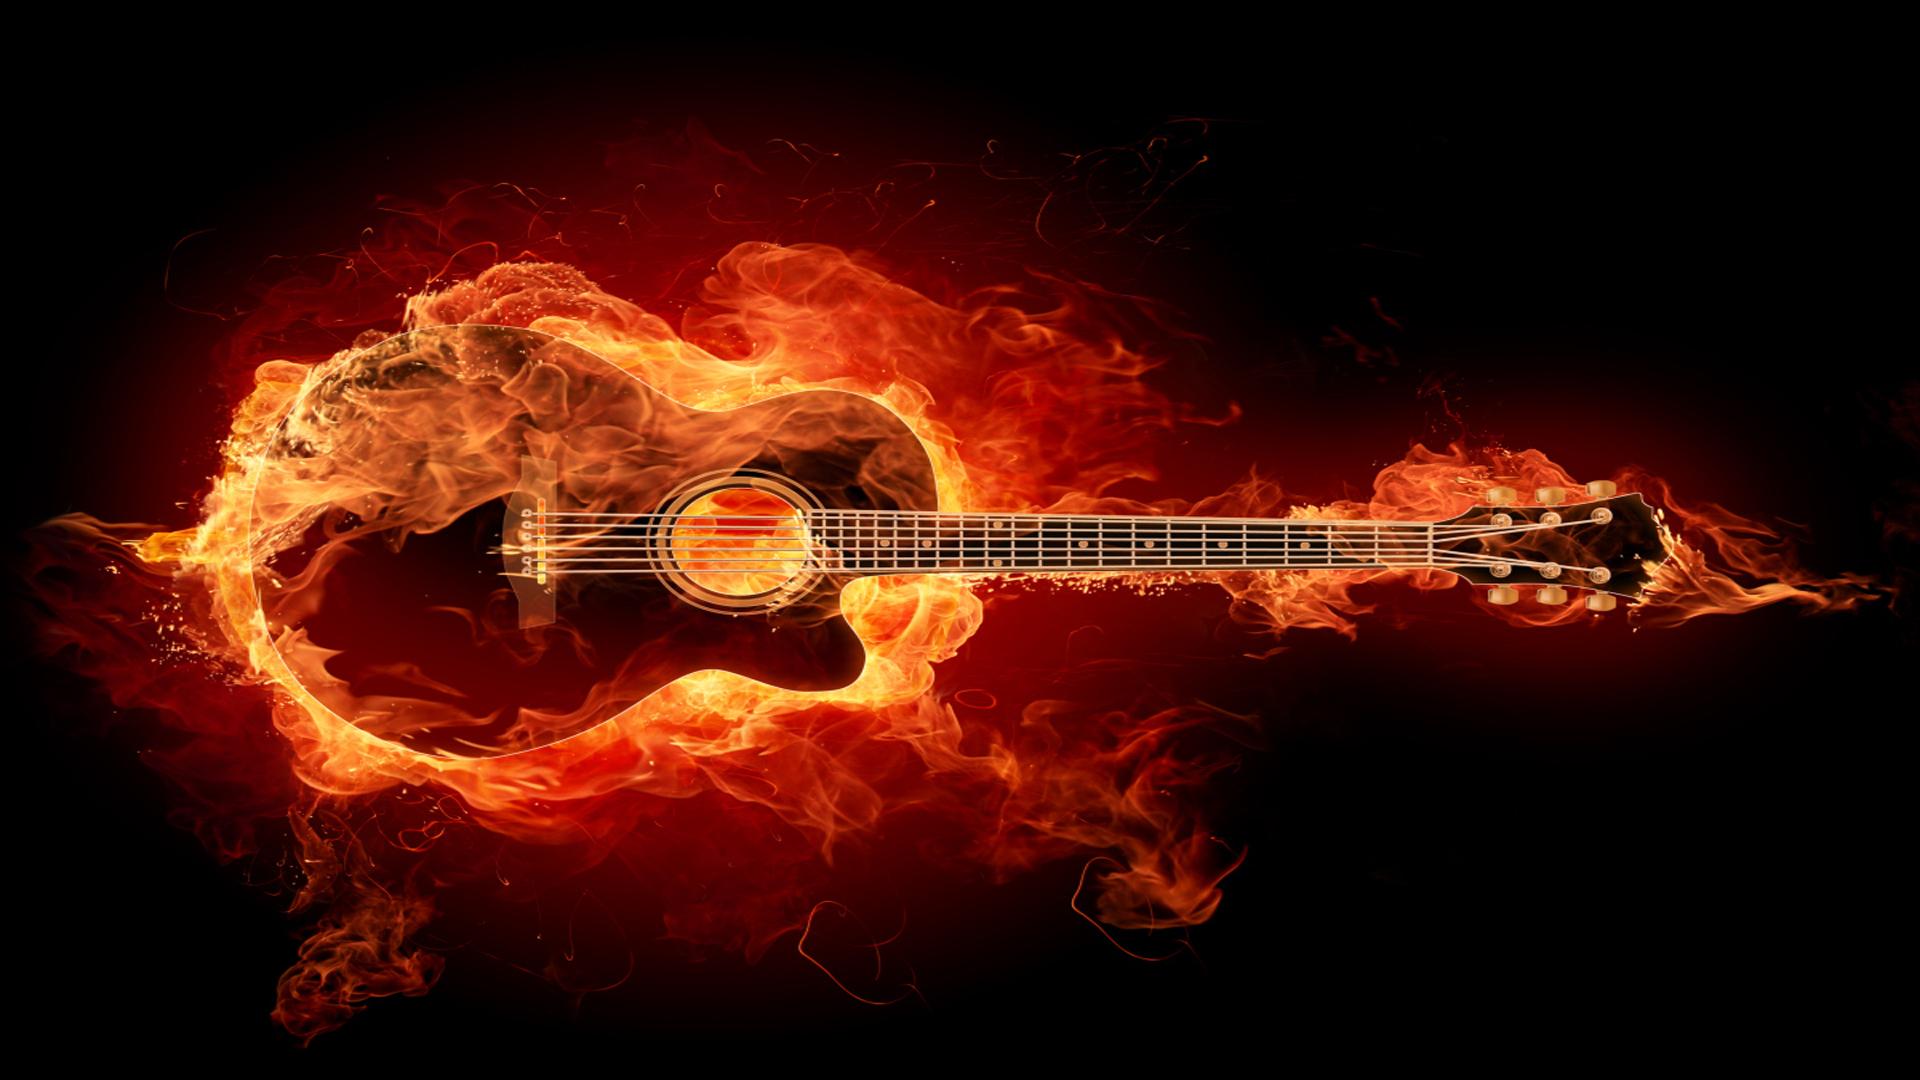 flames wallpaper guitar wallpapers ps3 1920x1080 1920x1080